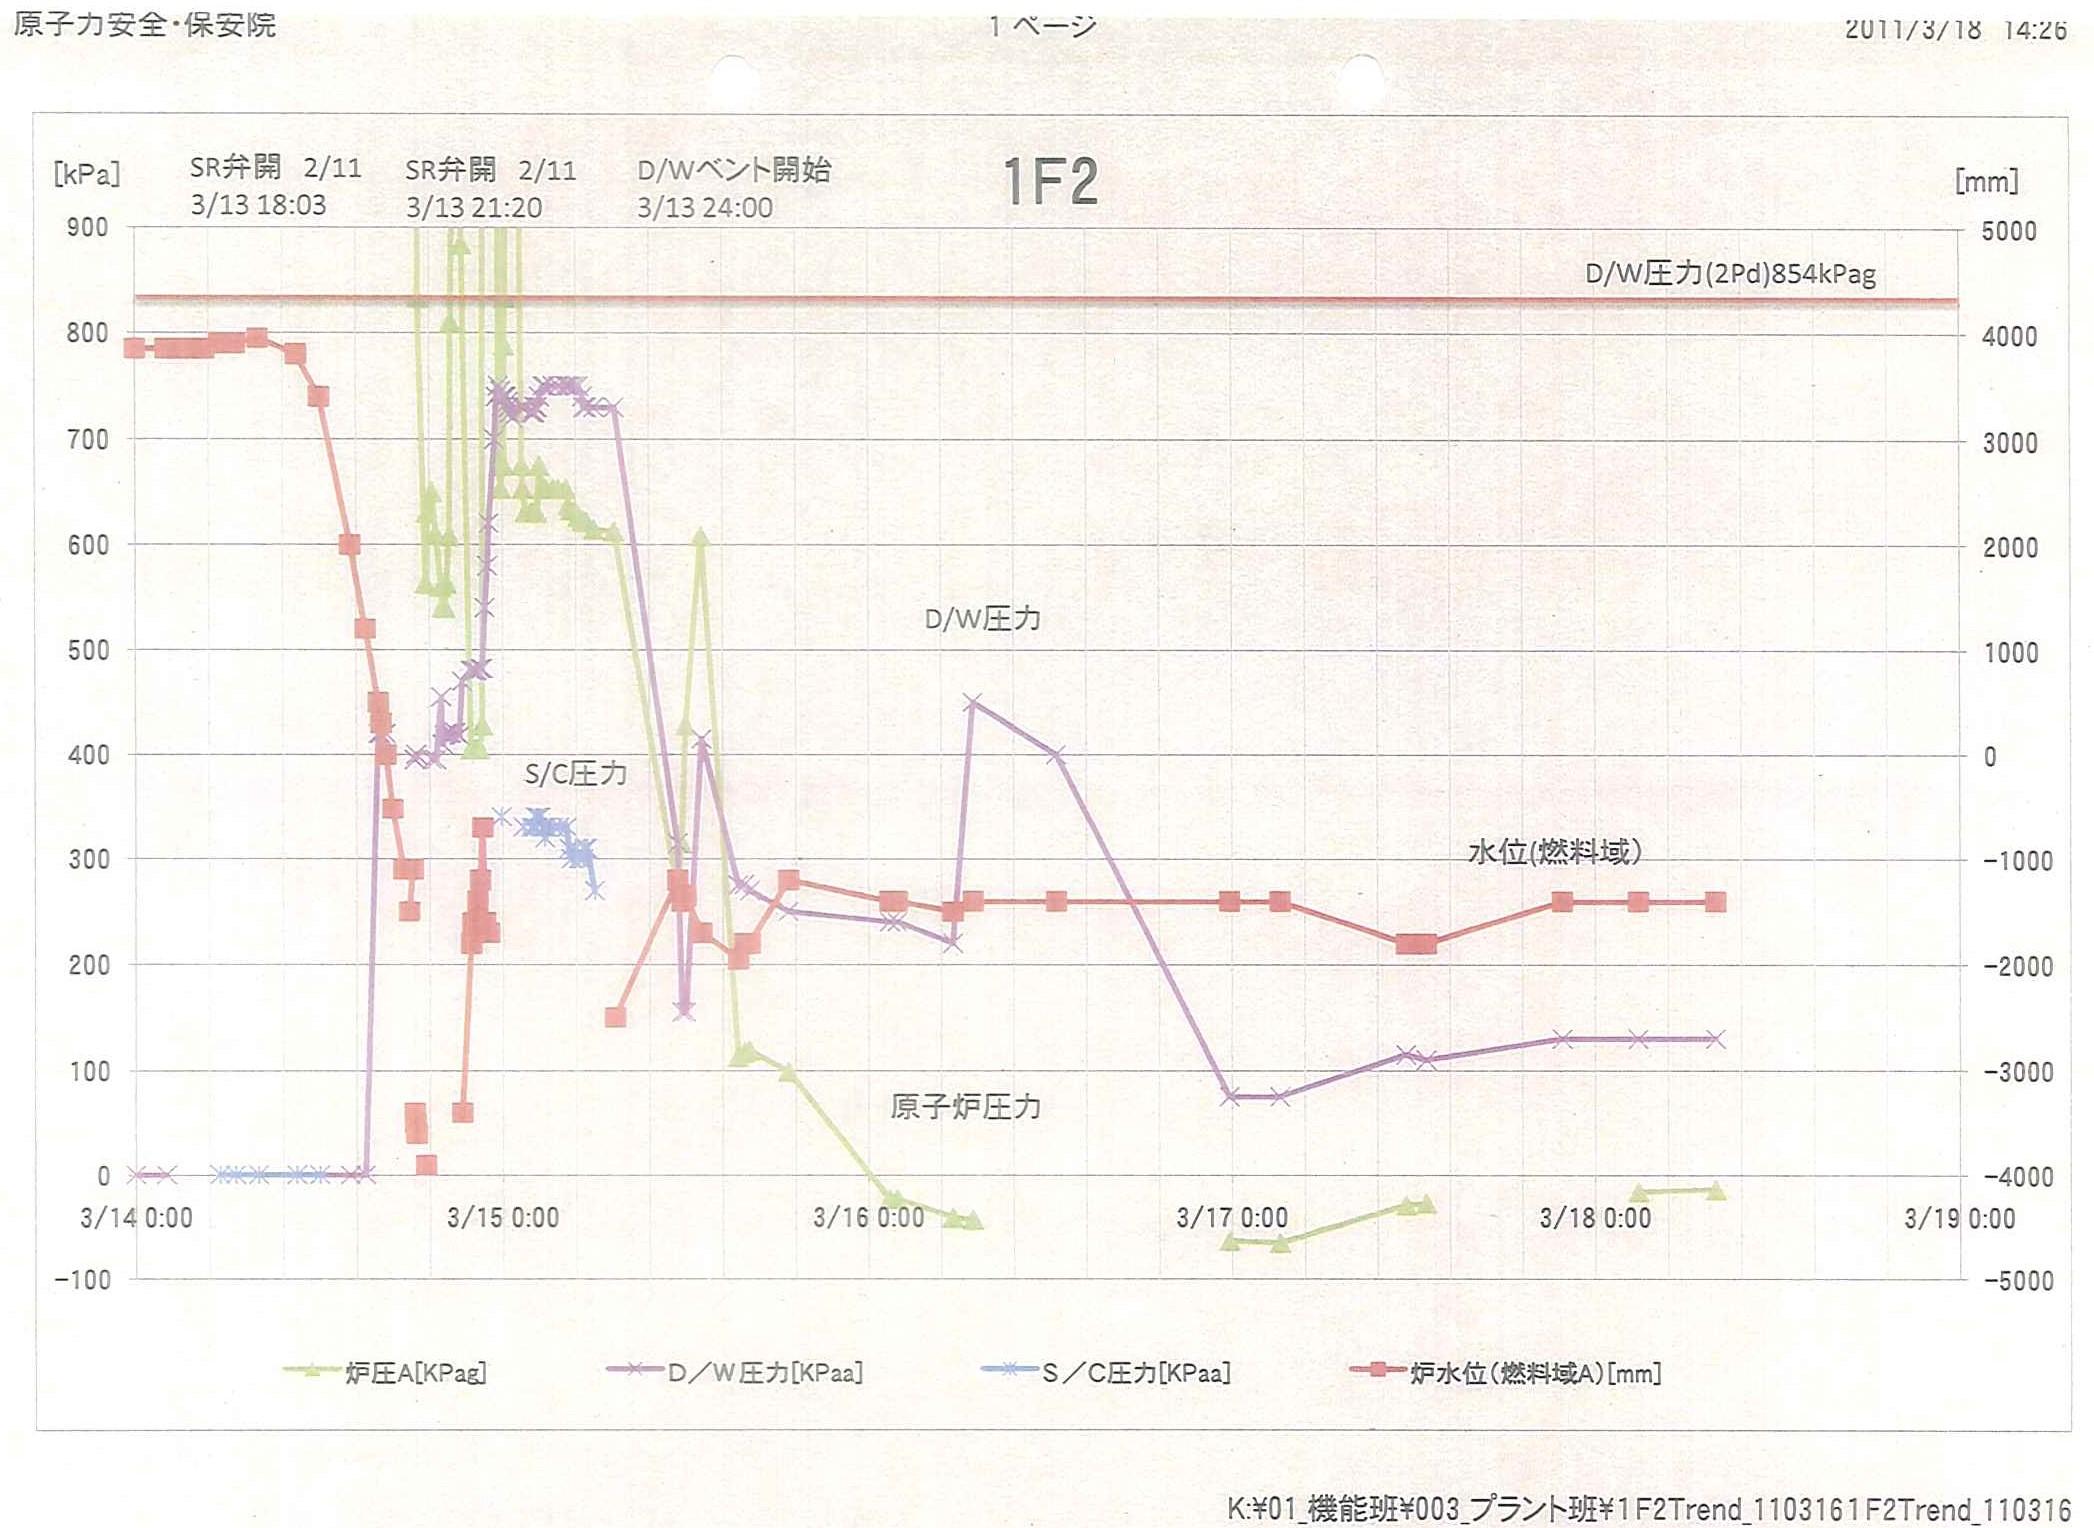 写真・図版 : 2号機の圧力や水位の変化について保安院の分析チームが事故の最中に作成したグラフ。11年3月14日午後に水位が急落し、同日深夜から15日未明にかけて炉圧が乱高下した=情報公開法に基づき原子力安全・保安院が2011年暮れに記者に開示